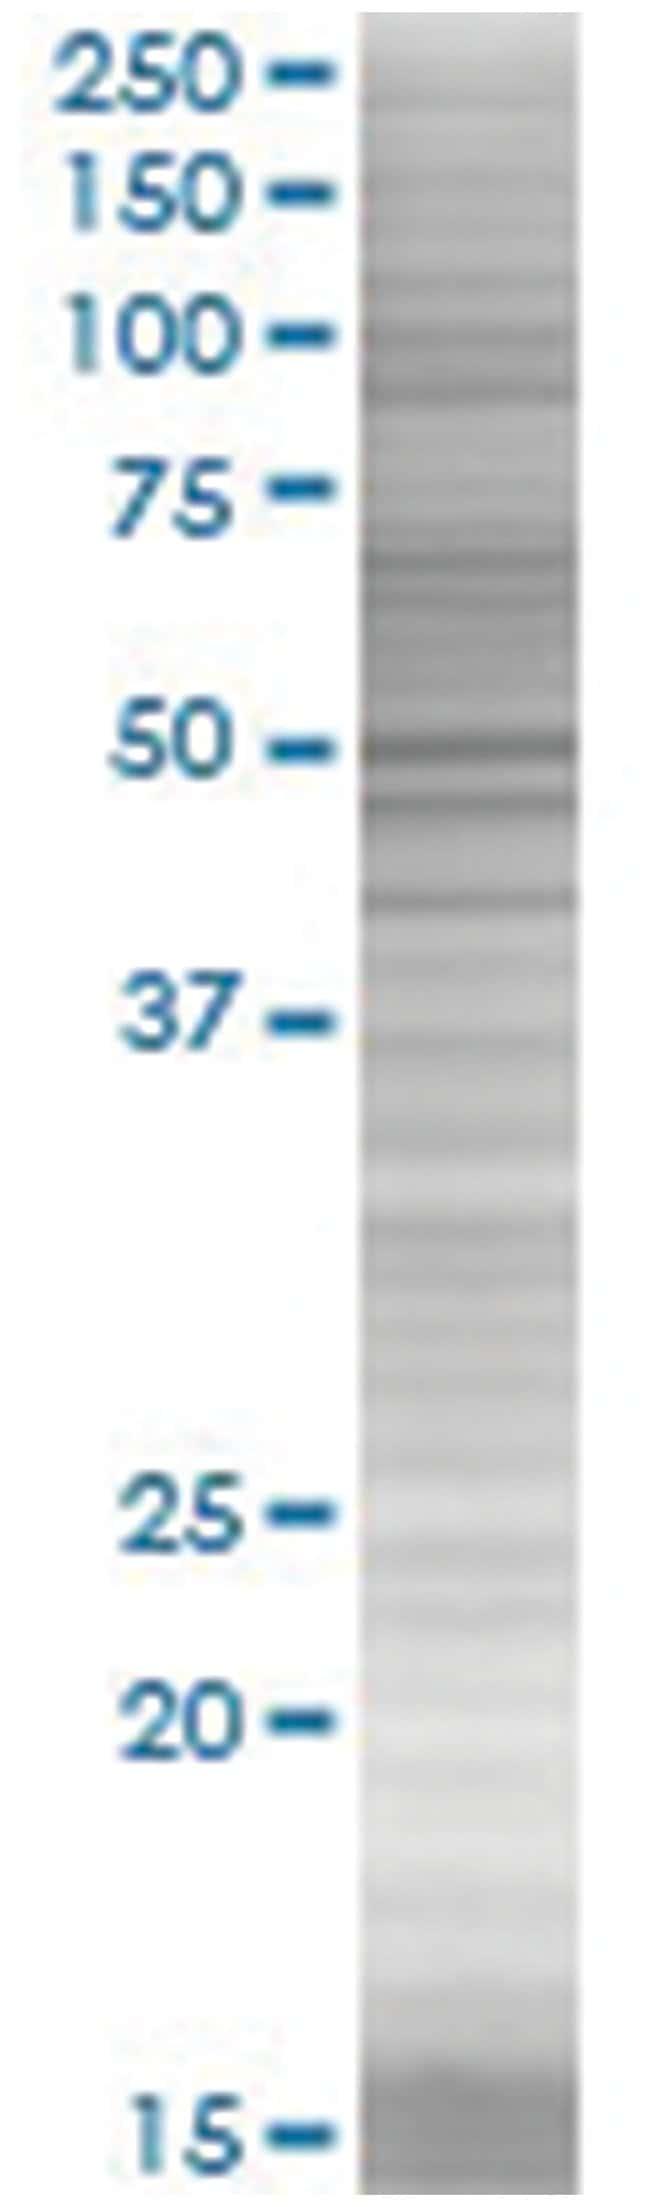 CYP2E1 293T Cell Overexpression Lysate (Denatured), Abnova 100µL:Life